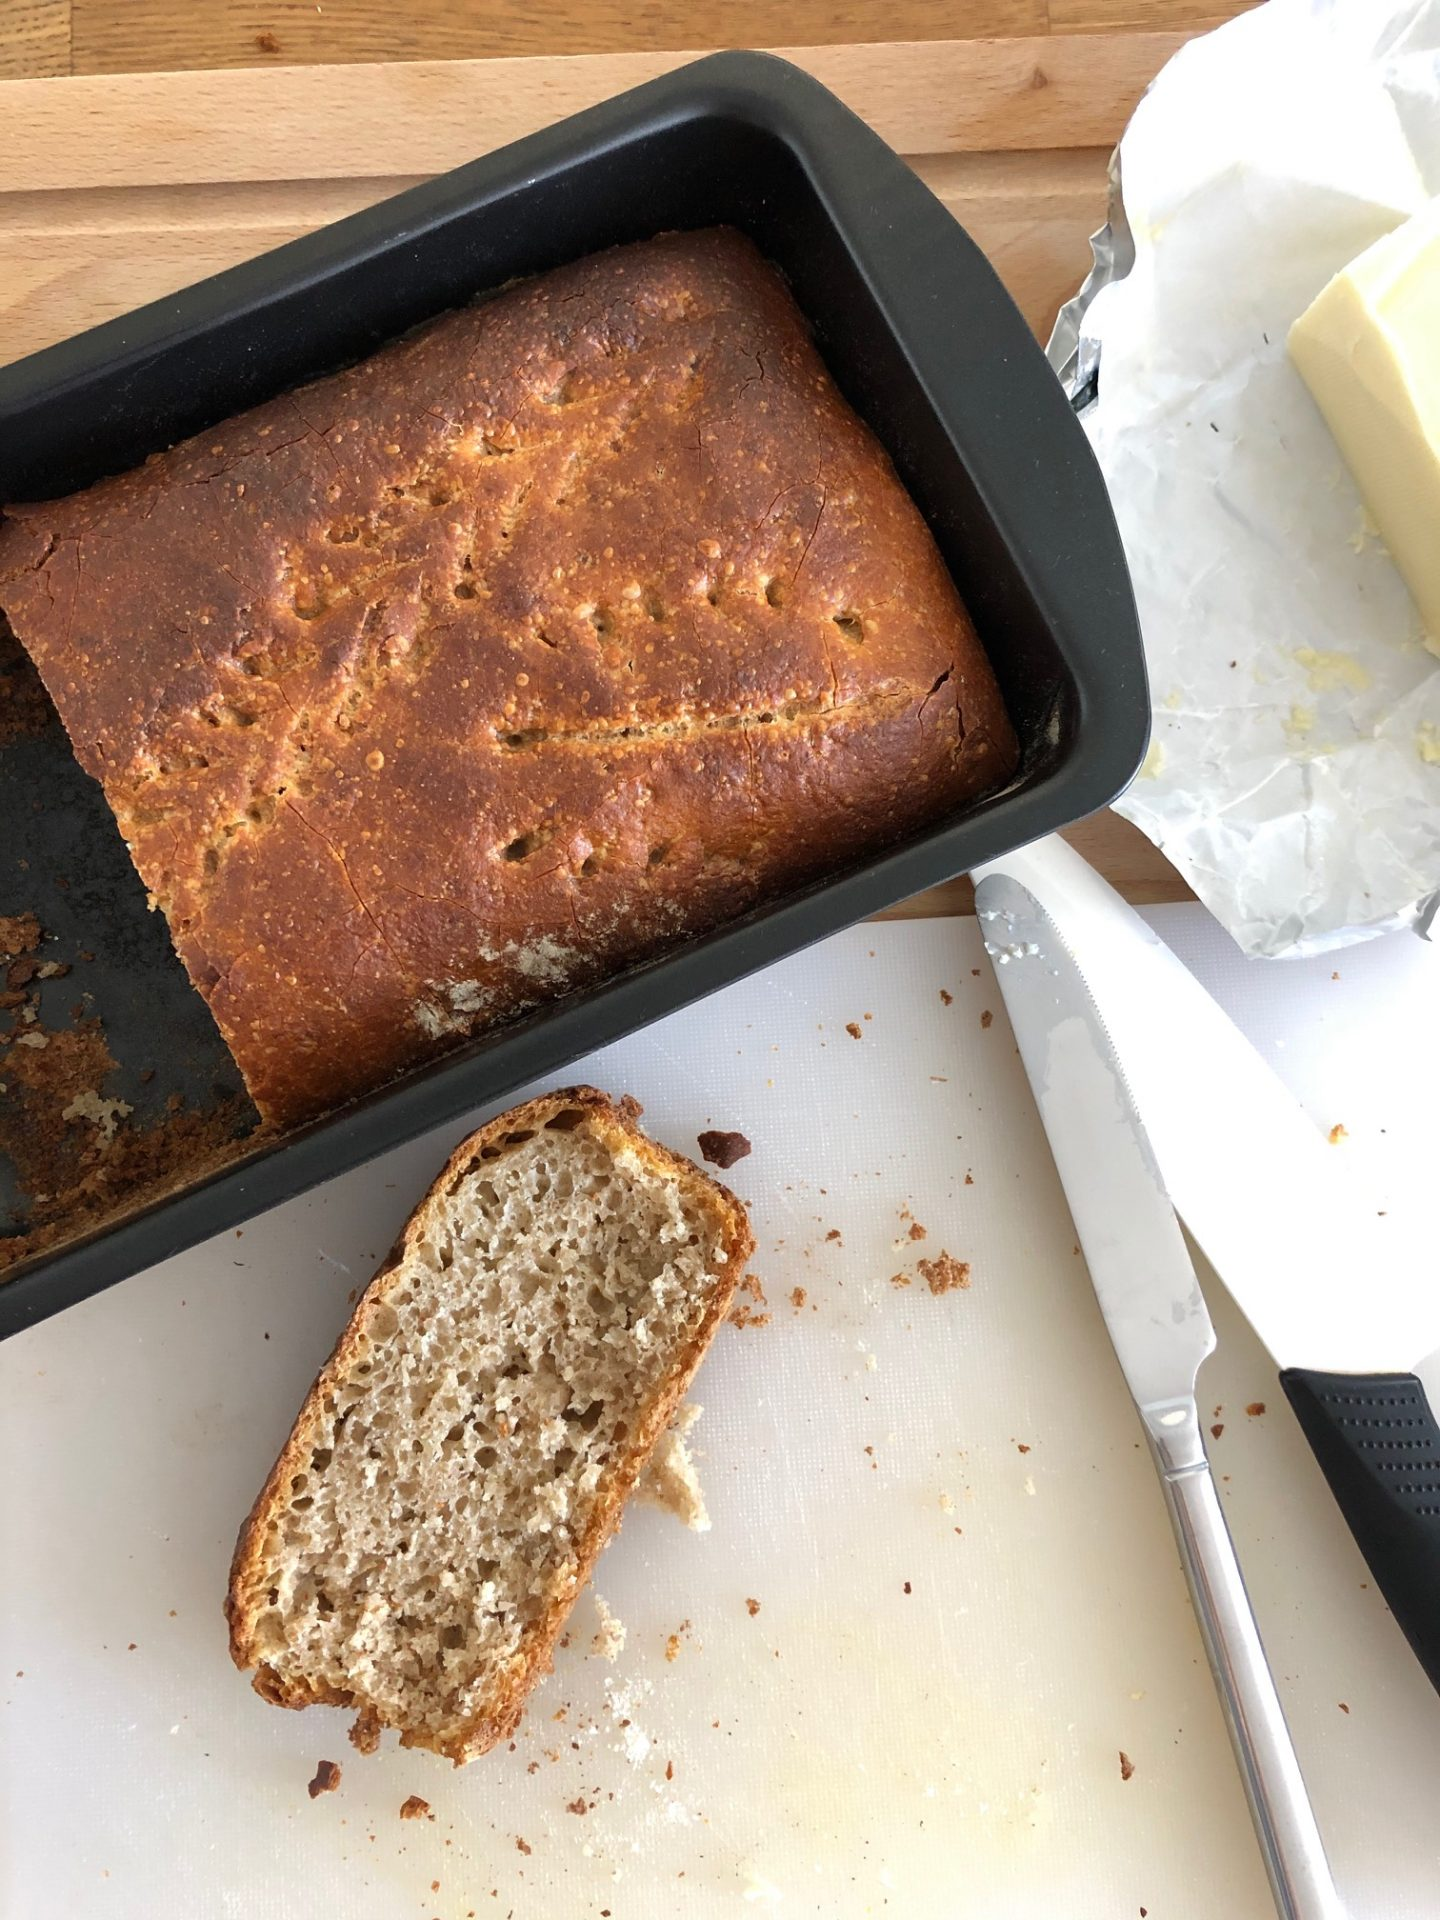 Peka kruha z drožmi - drugi poskus